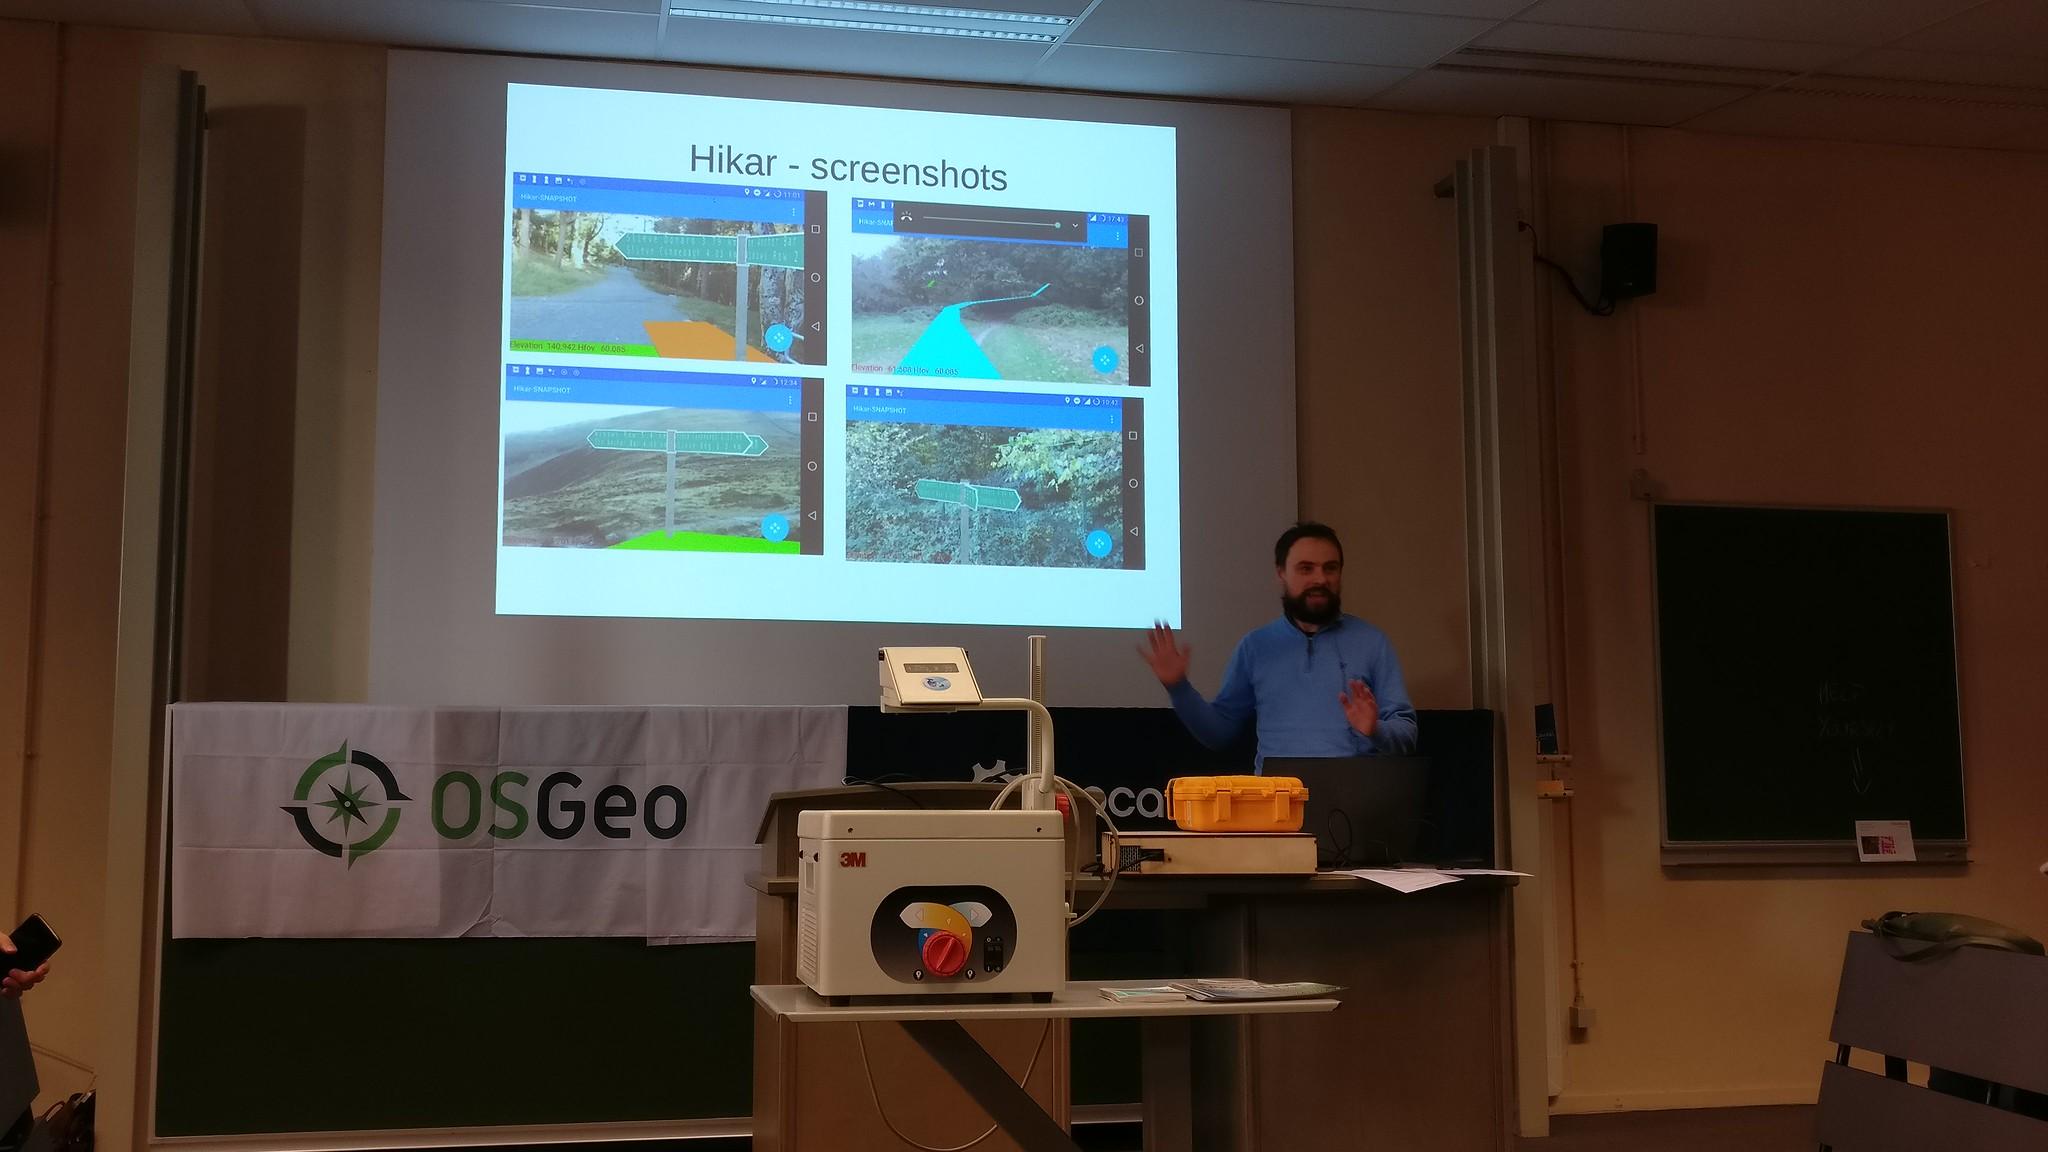 FOSDEM 2019 - Nick Whitelegg presenting Hikar